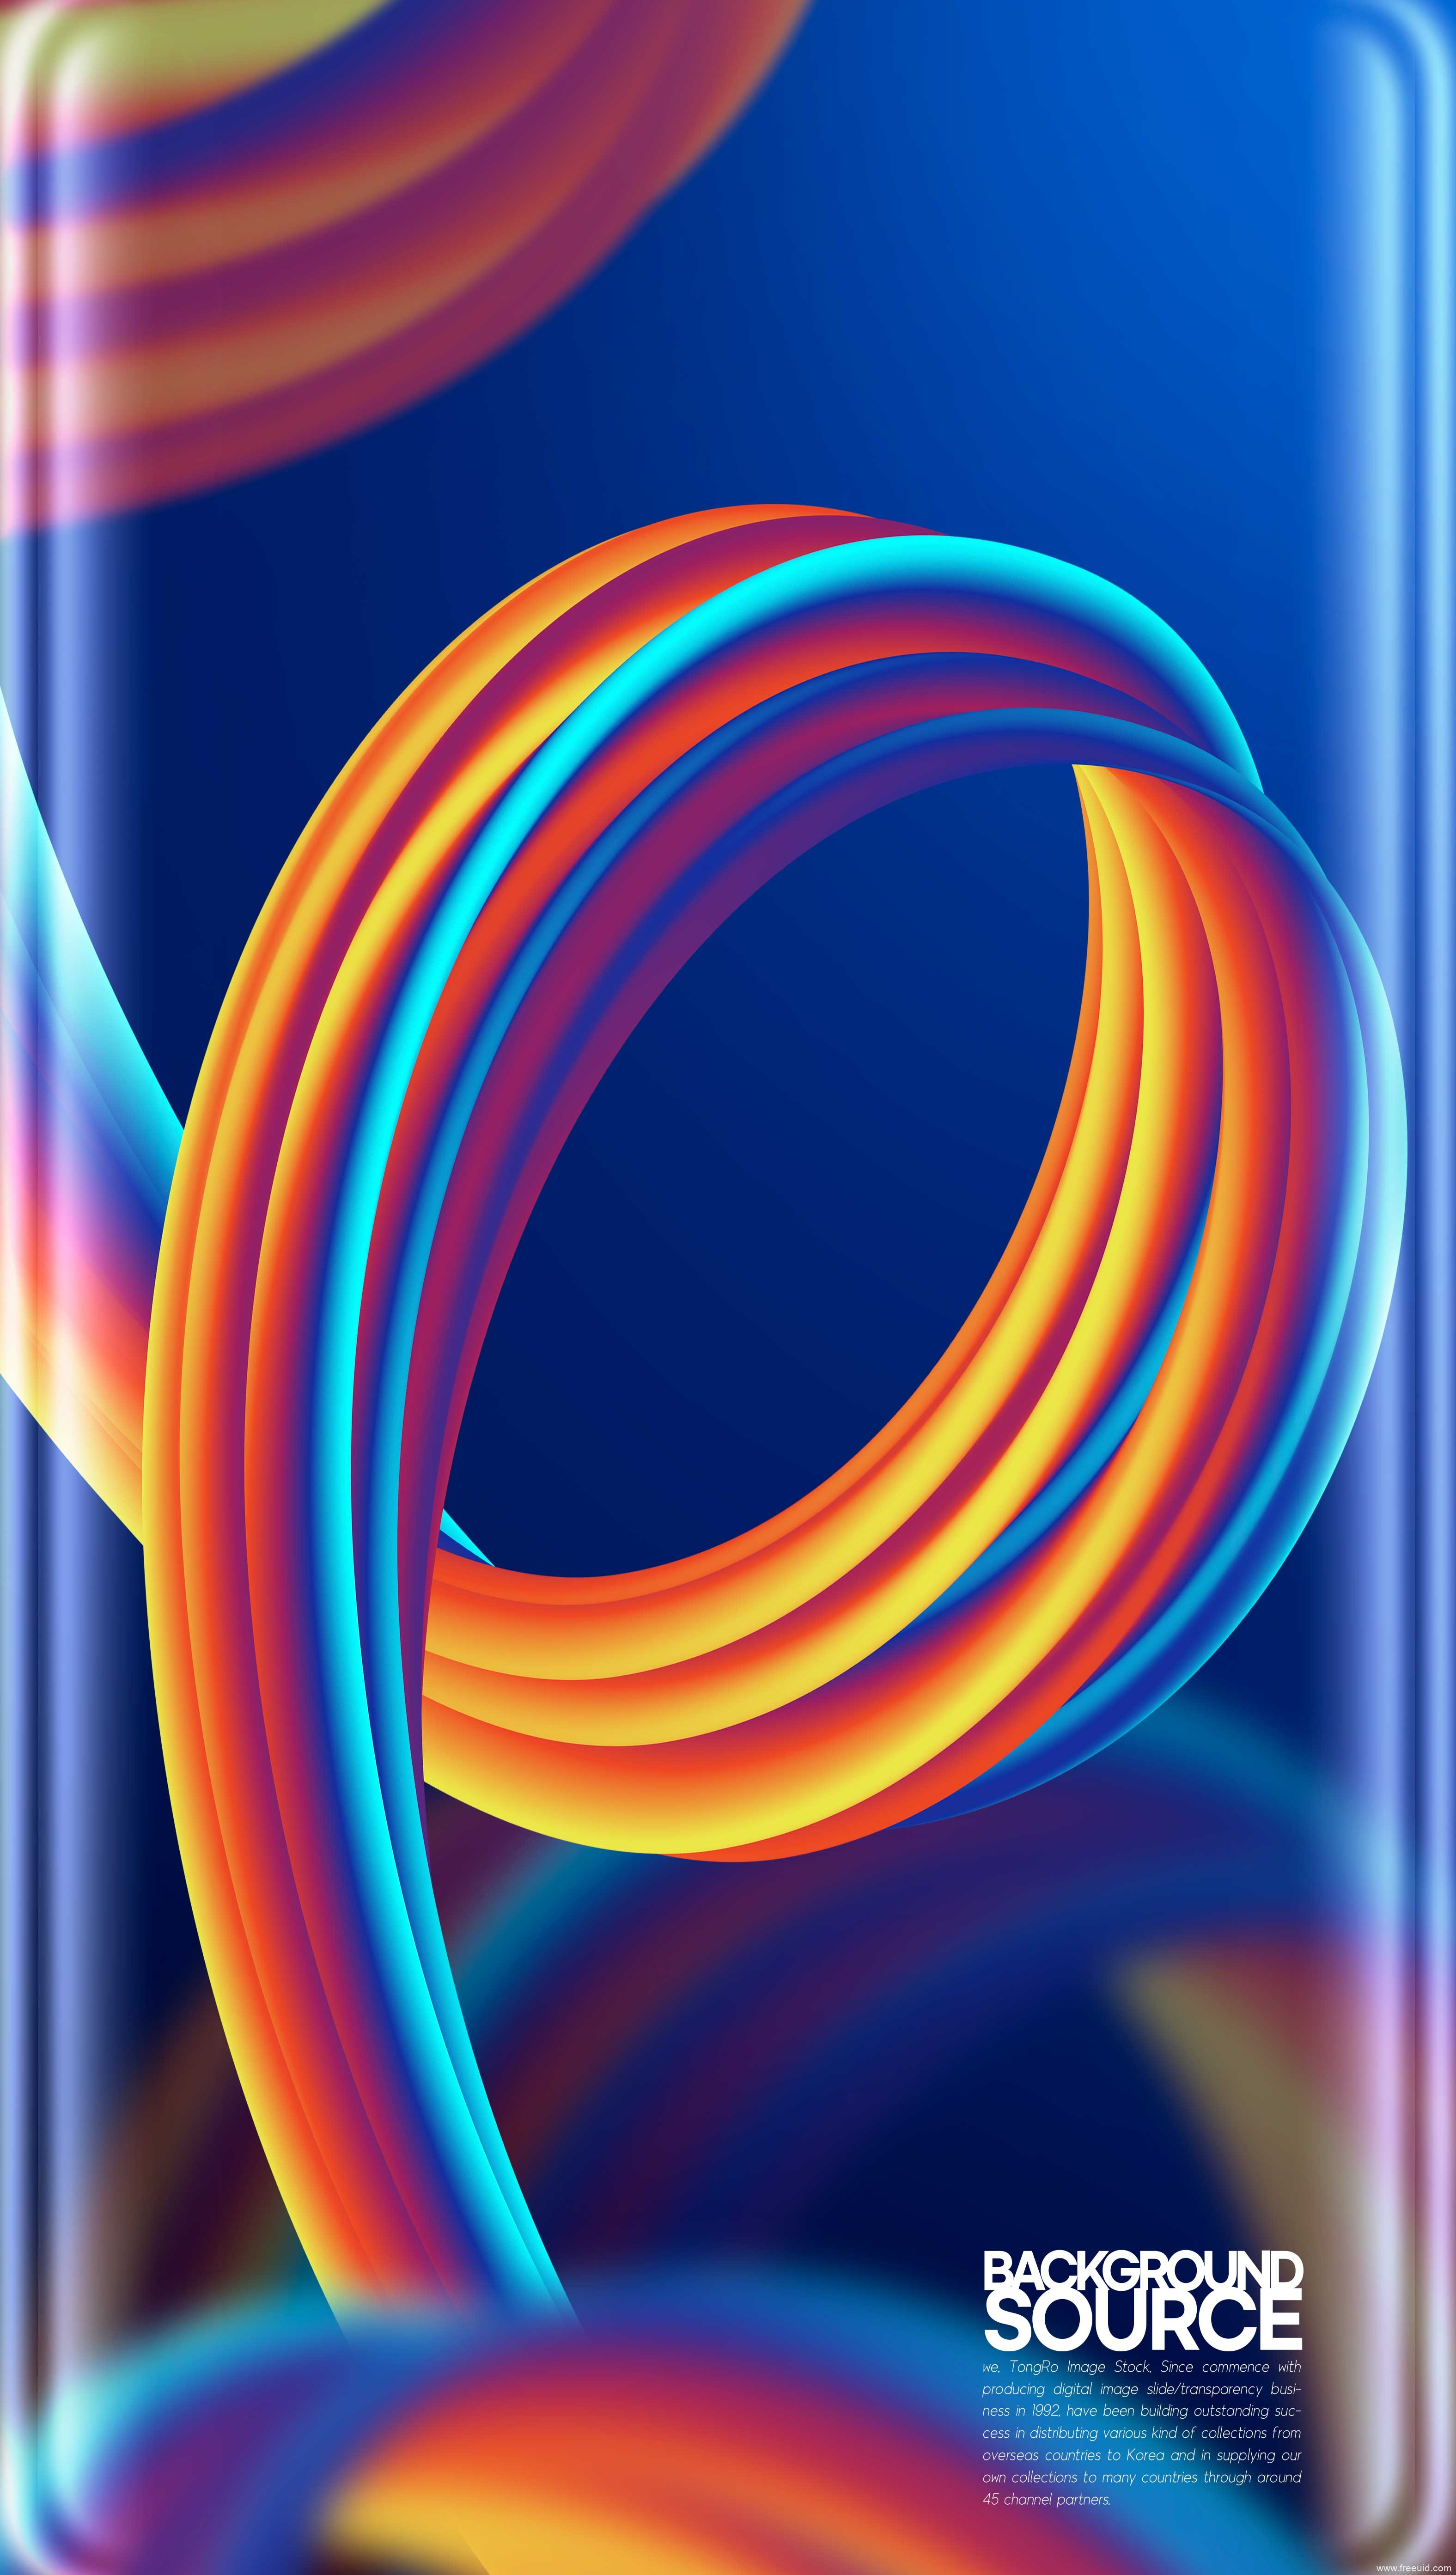 色彩丰富的几何抽象渐变曲屏壁纸图片psd素材